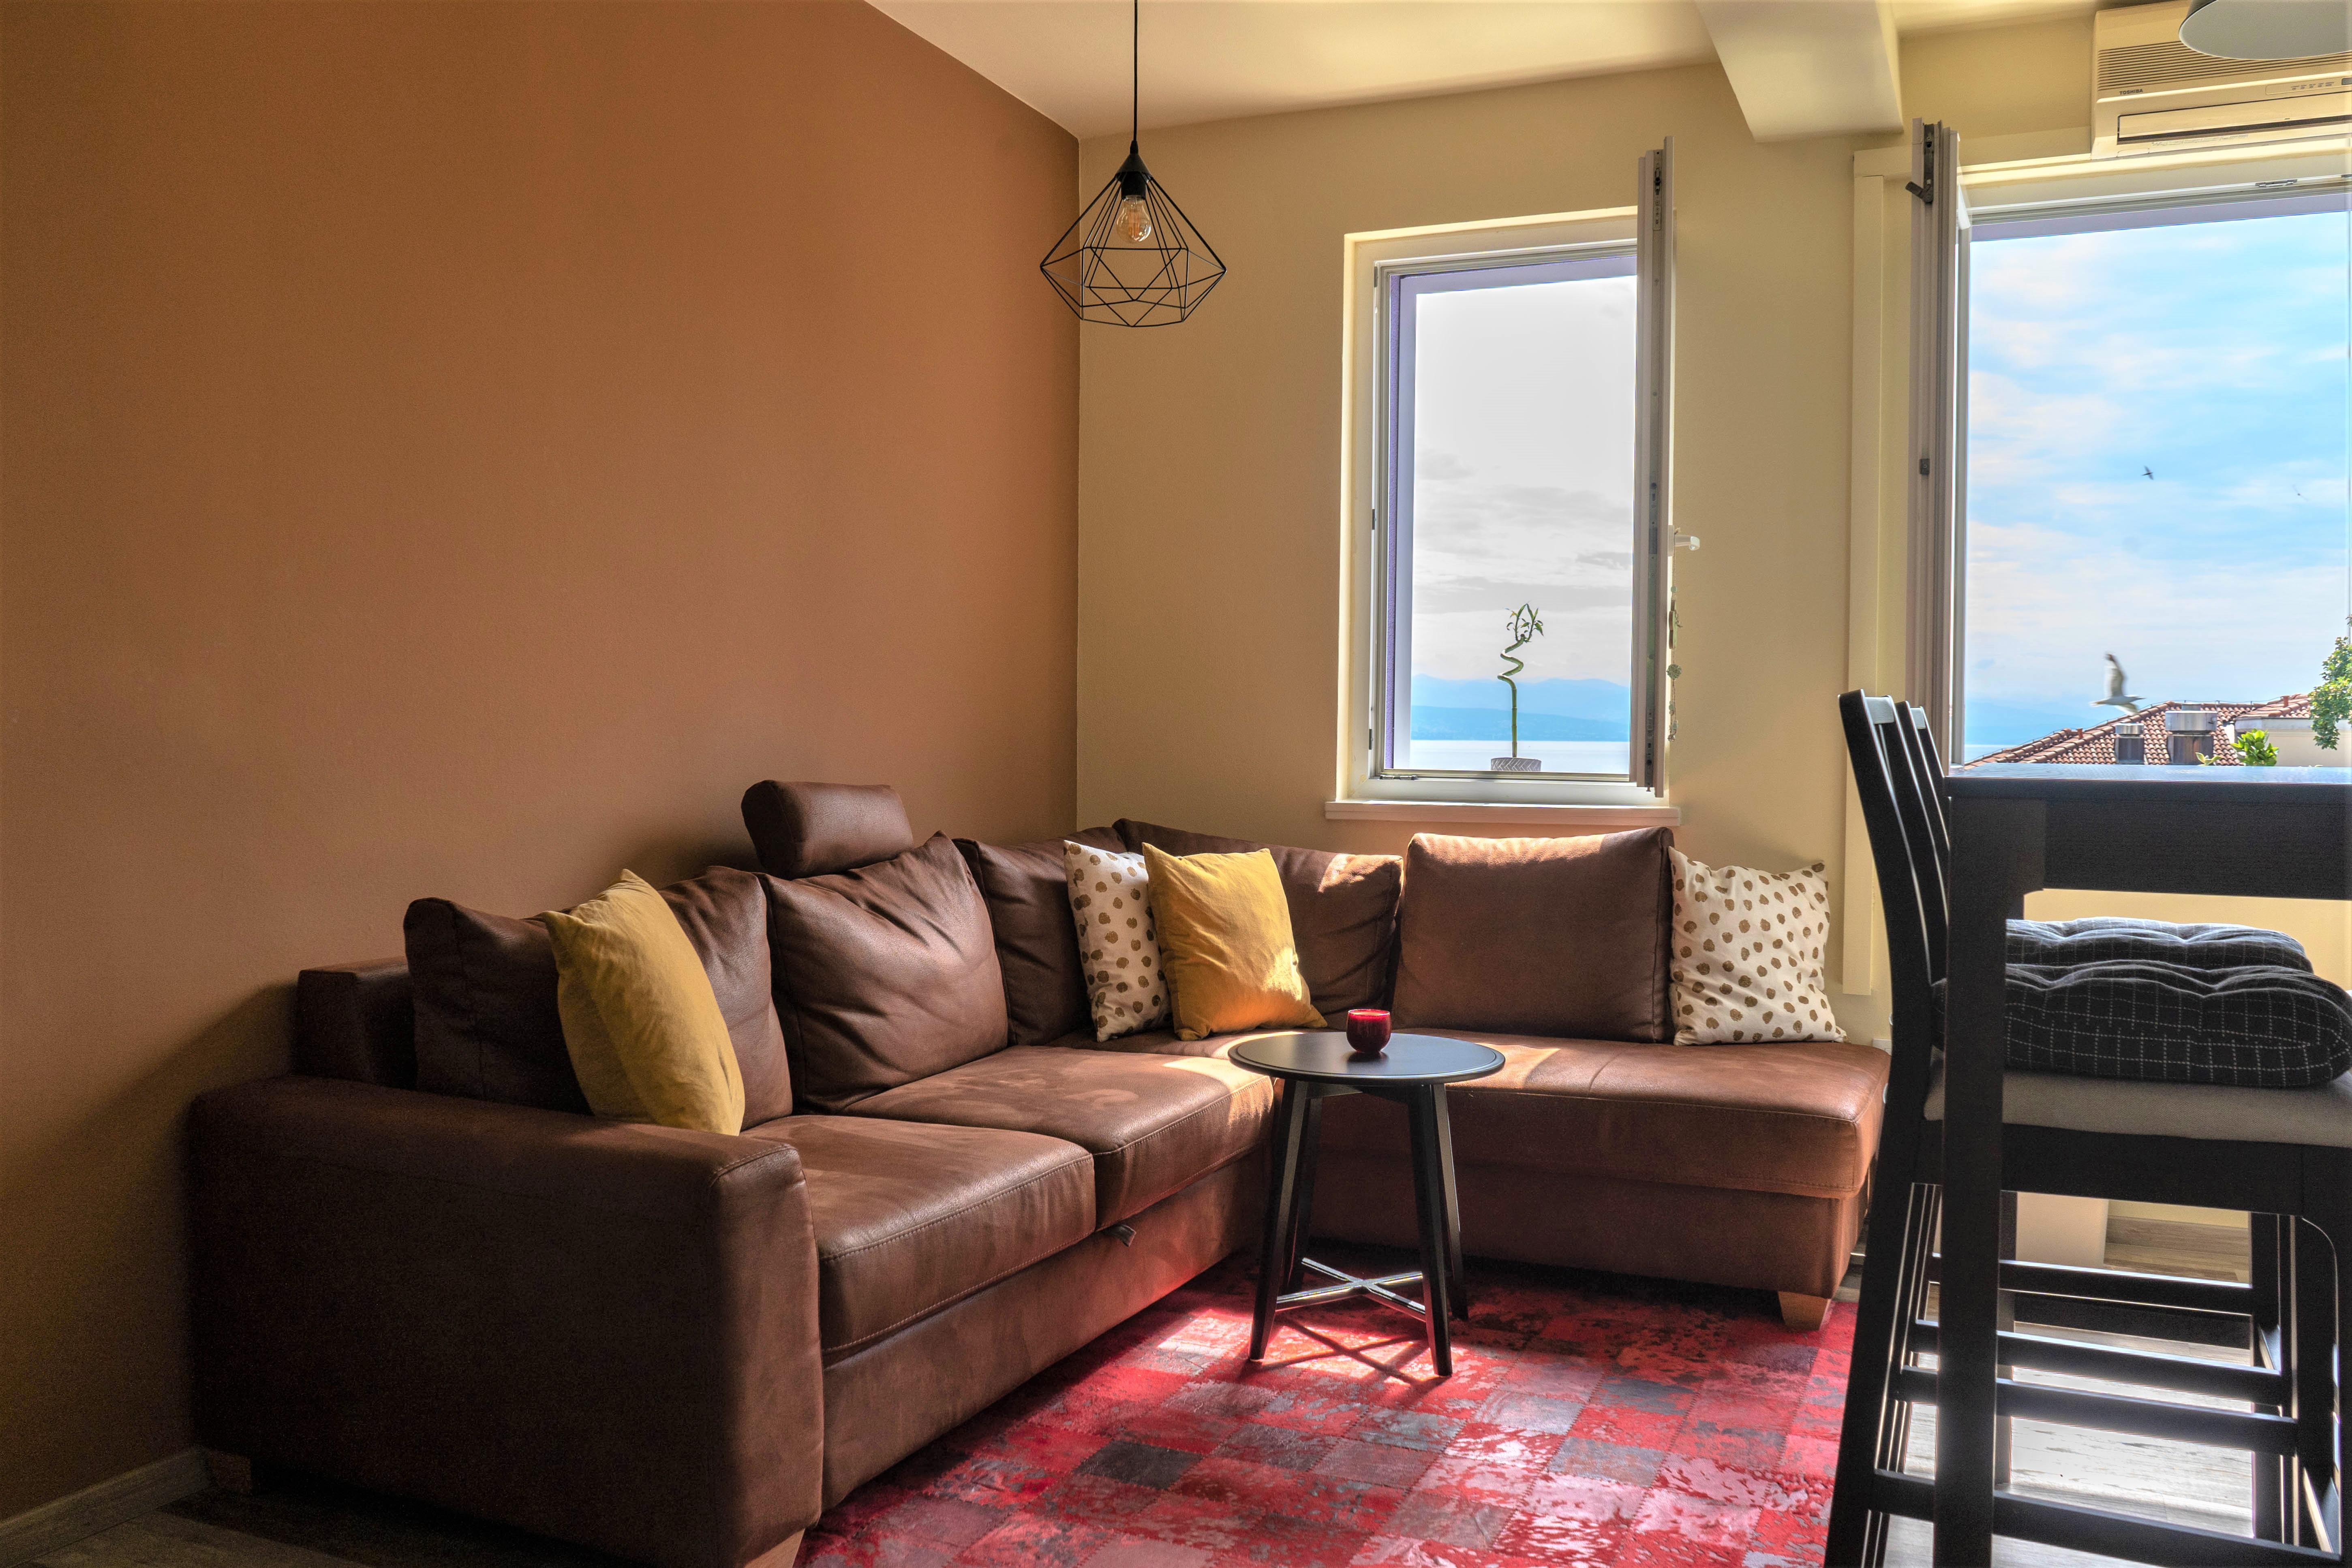 Appartement de vacances Wohnung mit Meerblick (2819649), Opatija, , Kvarner, Croatie, image 2